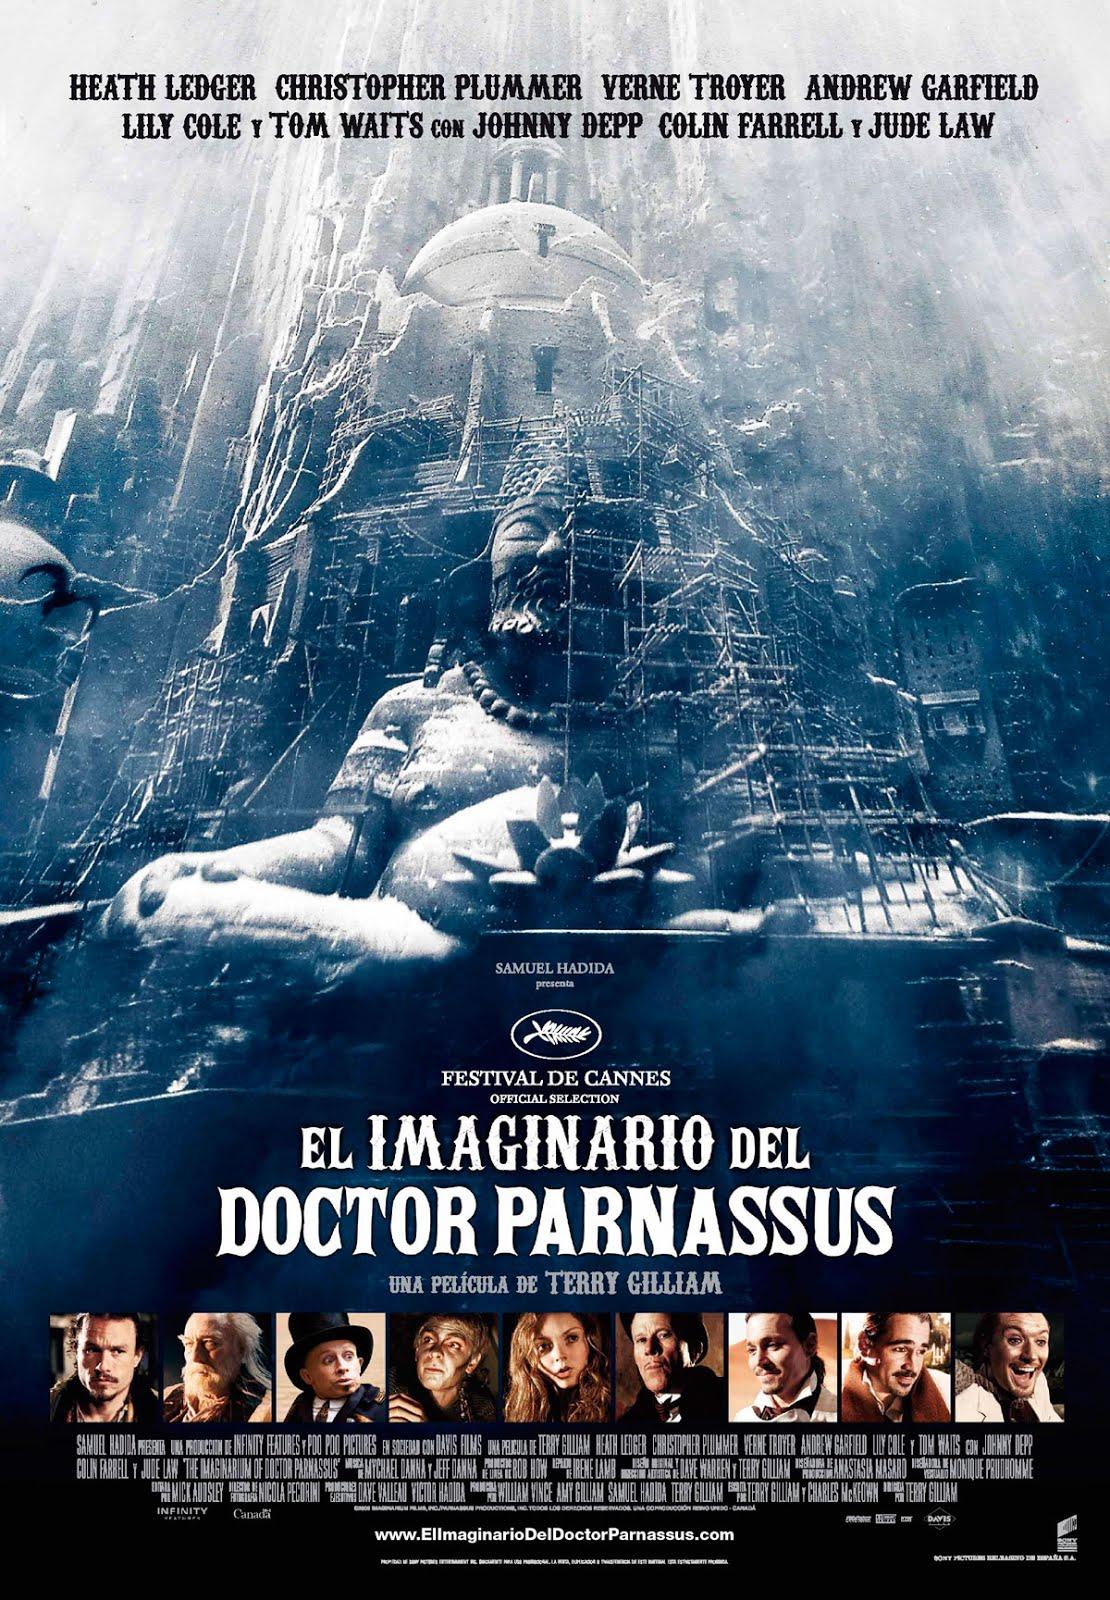 El imaginario del Dr. Parnassus